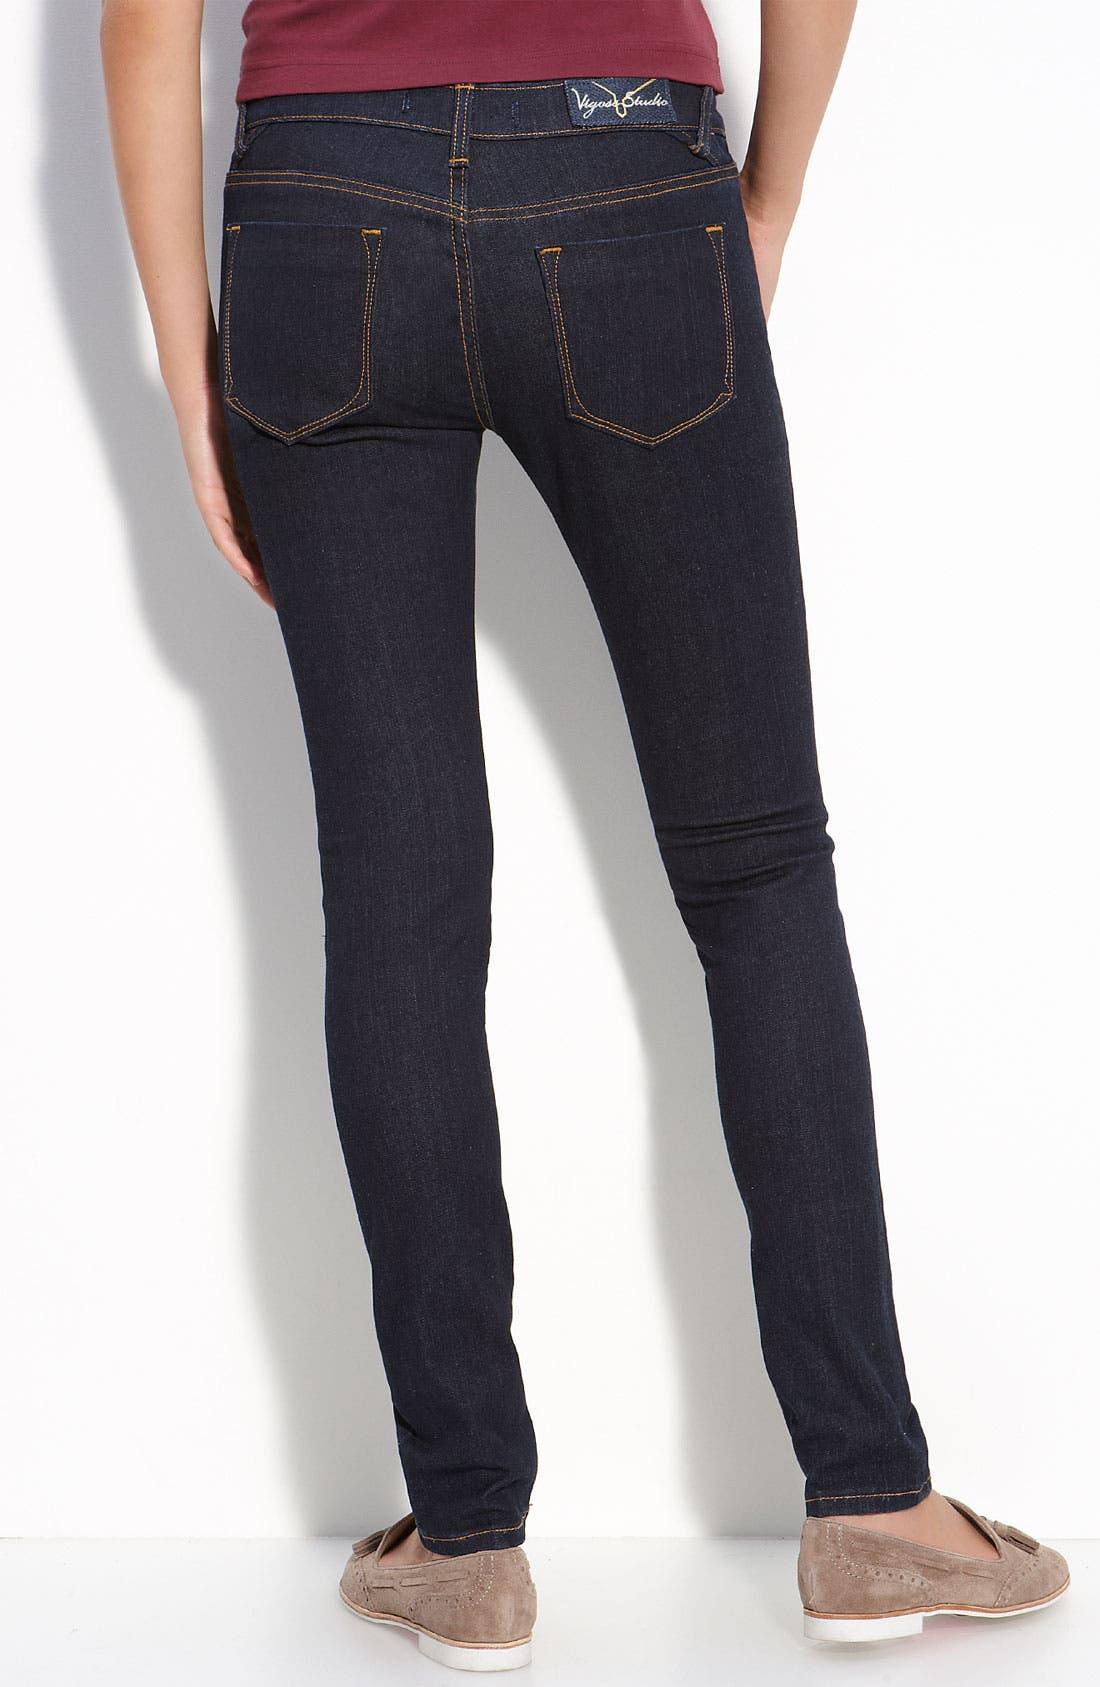 Alternate Image 1 Selected - Vigoss Skinny Jeans (Juniors Regular & Long)